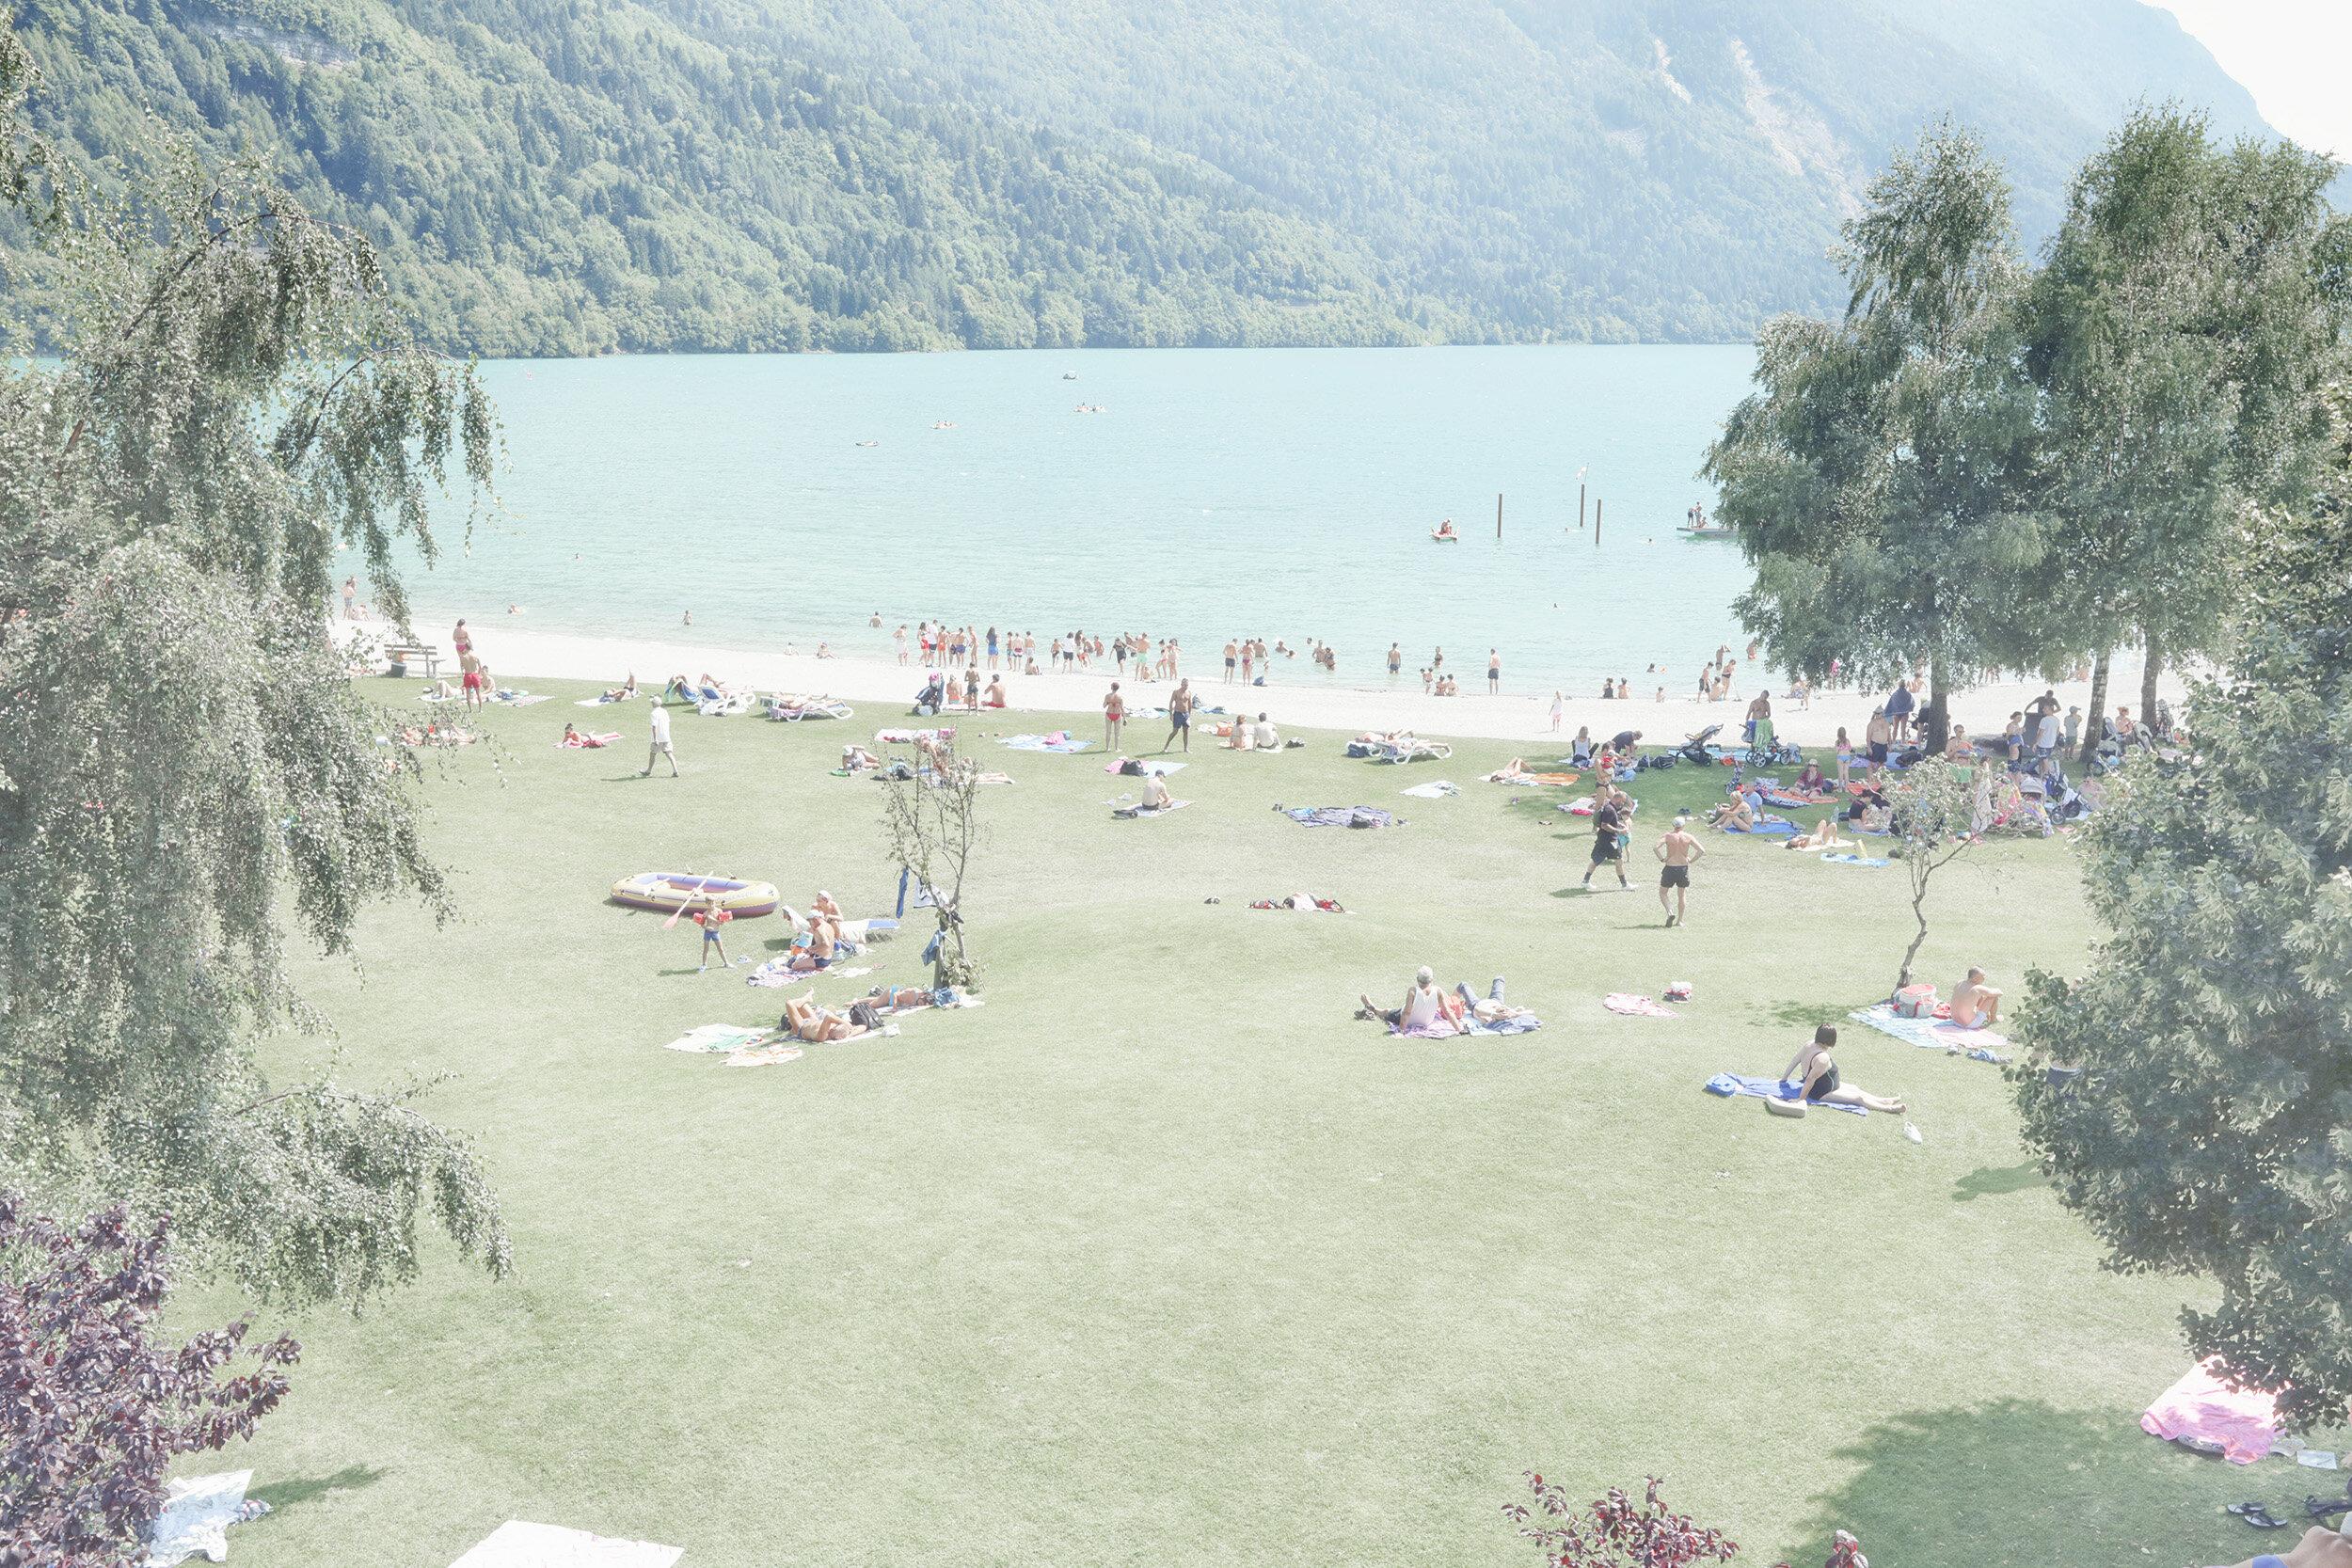 Lago I - Lago di Molveno, 2018